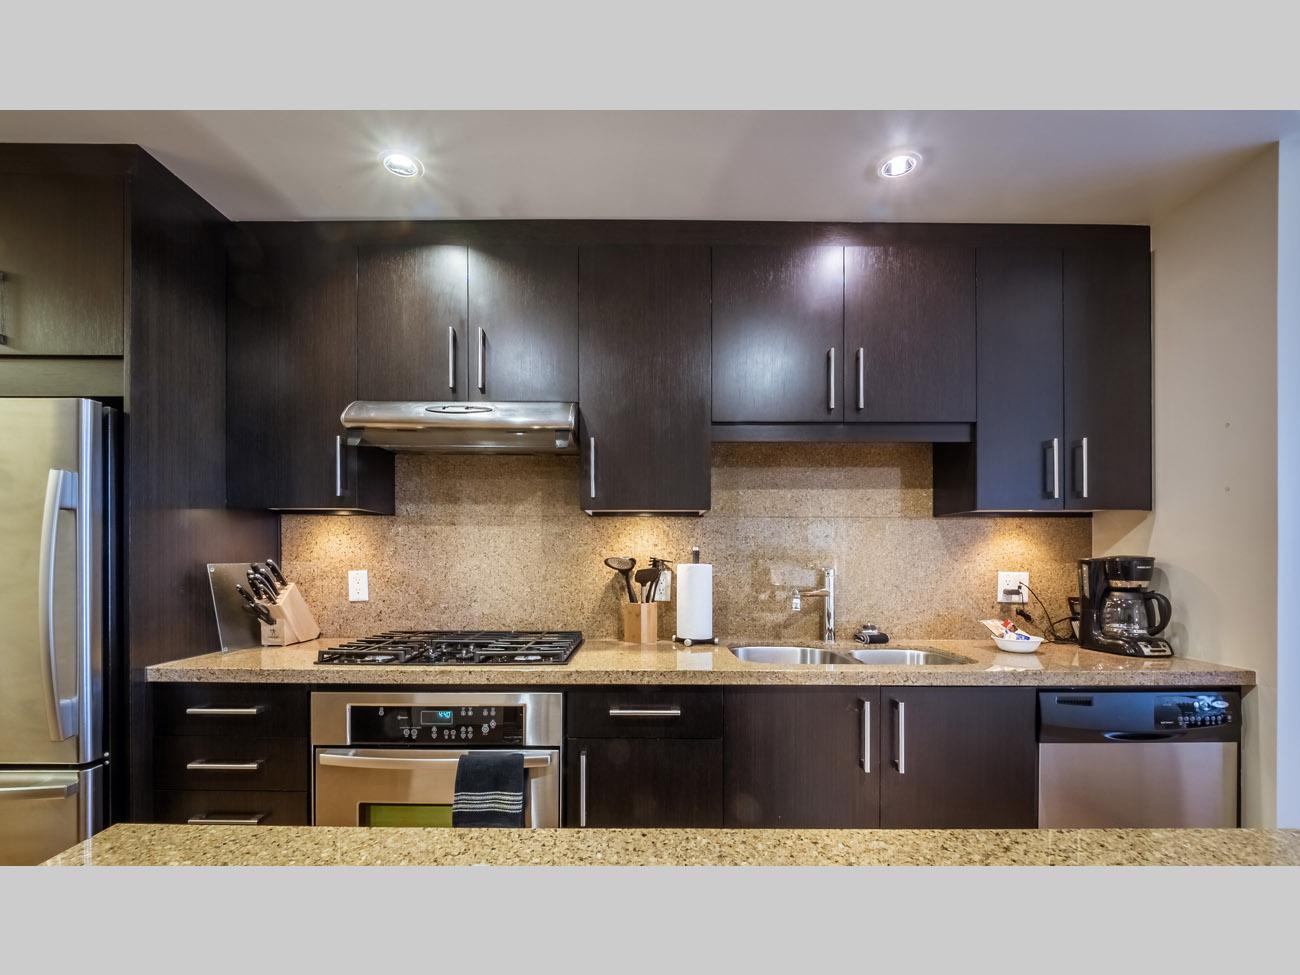 Dockside Green condo kitchen granite countertops